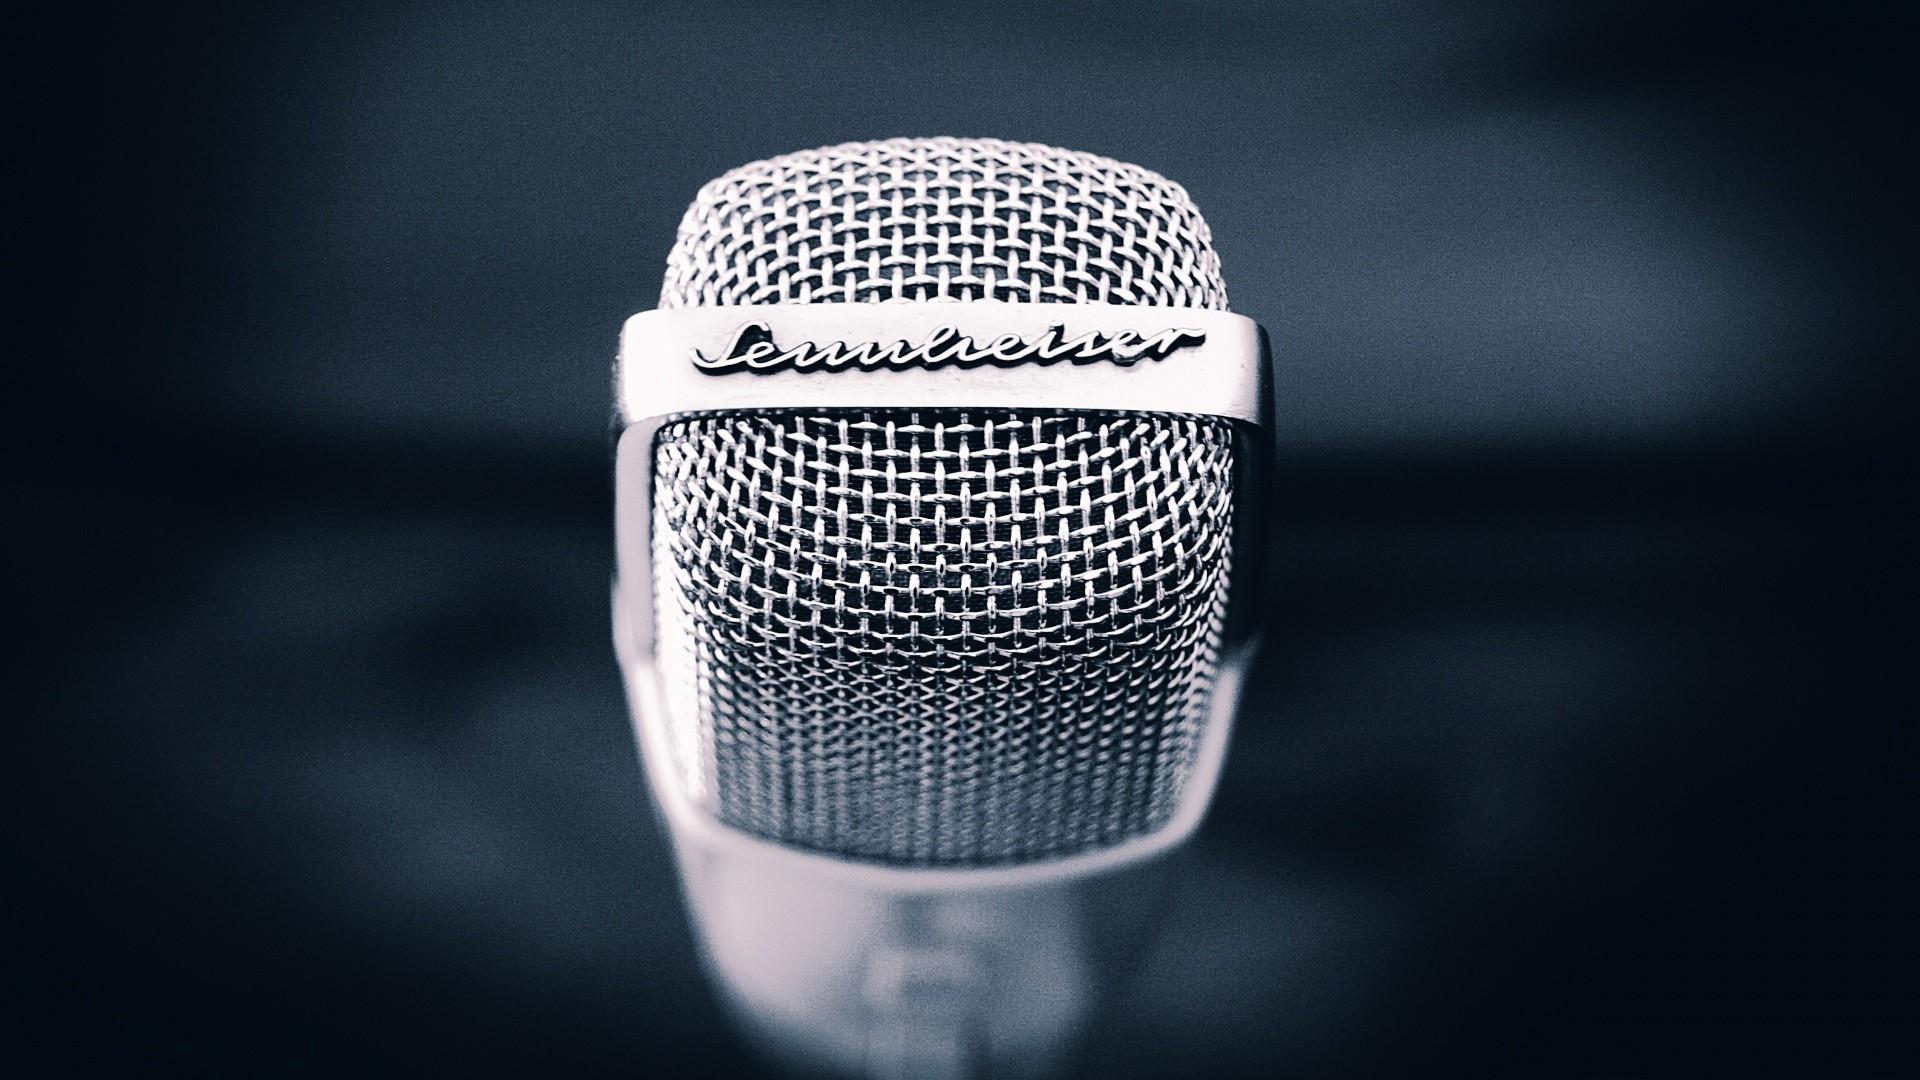 microphone_metal_mesh_91277_1920x1080.jpg